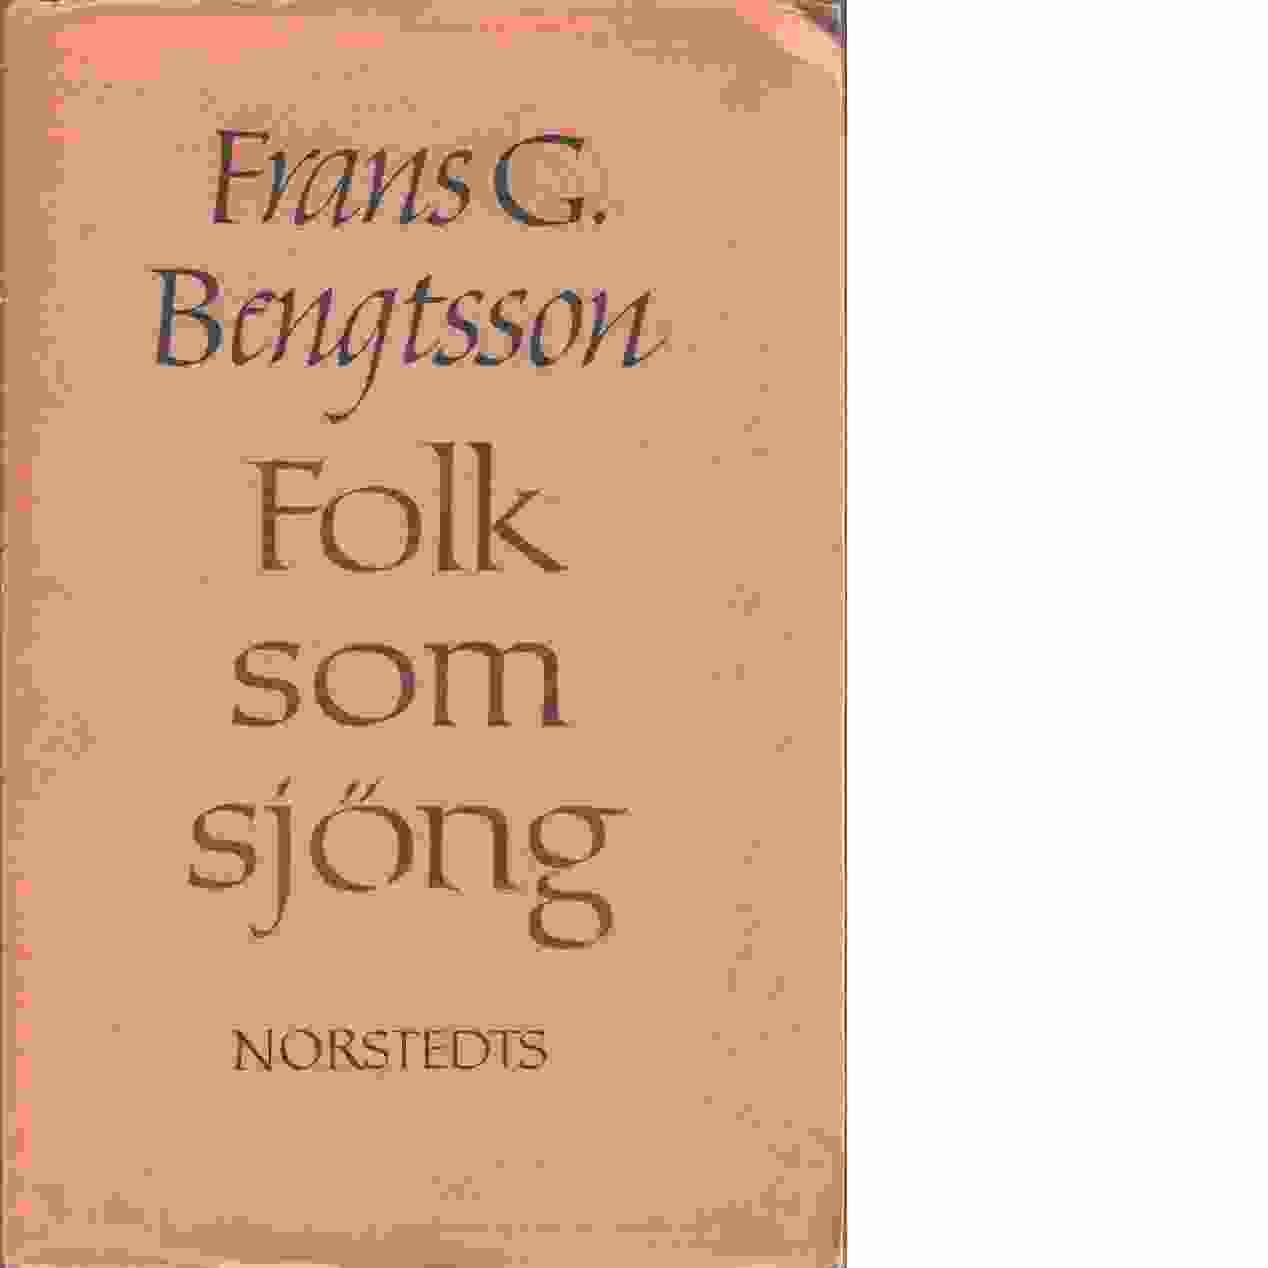 Folk som sjöng och andra essayer - Bengtsson, Frans G.